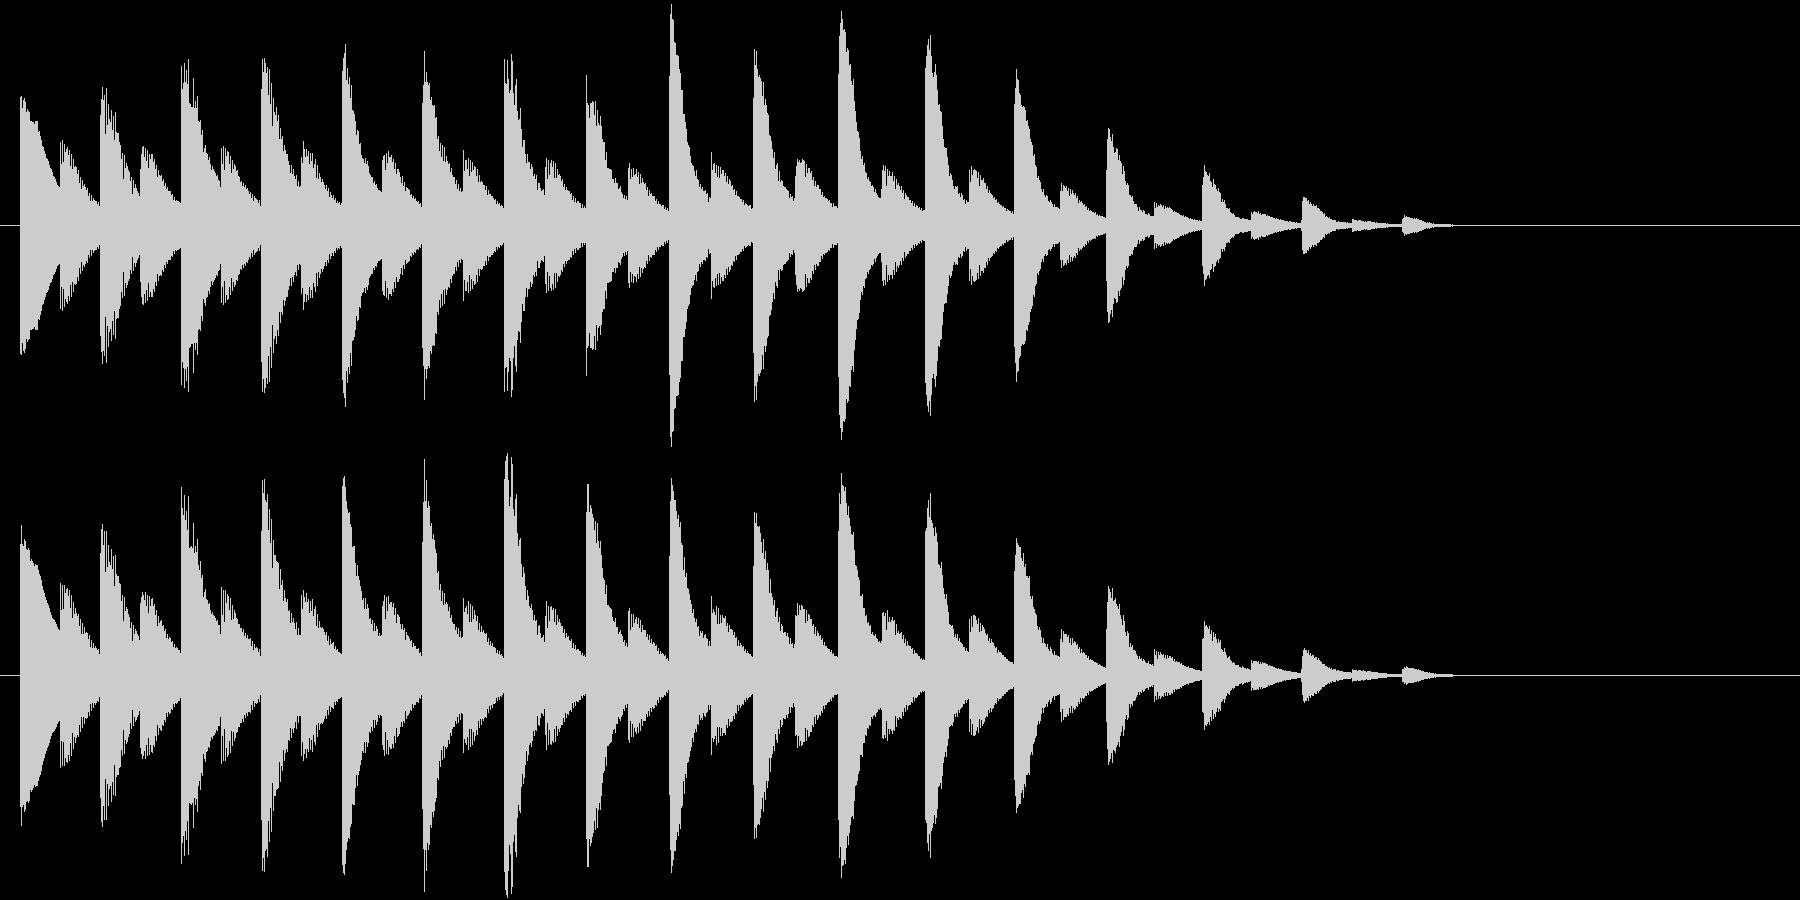 落ちるようなイメージのジングルの未再生の波形